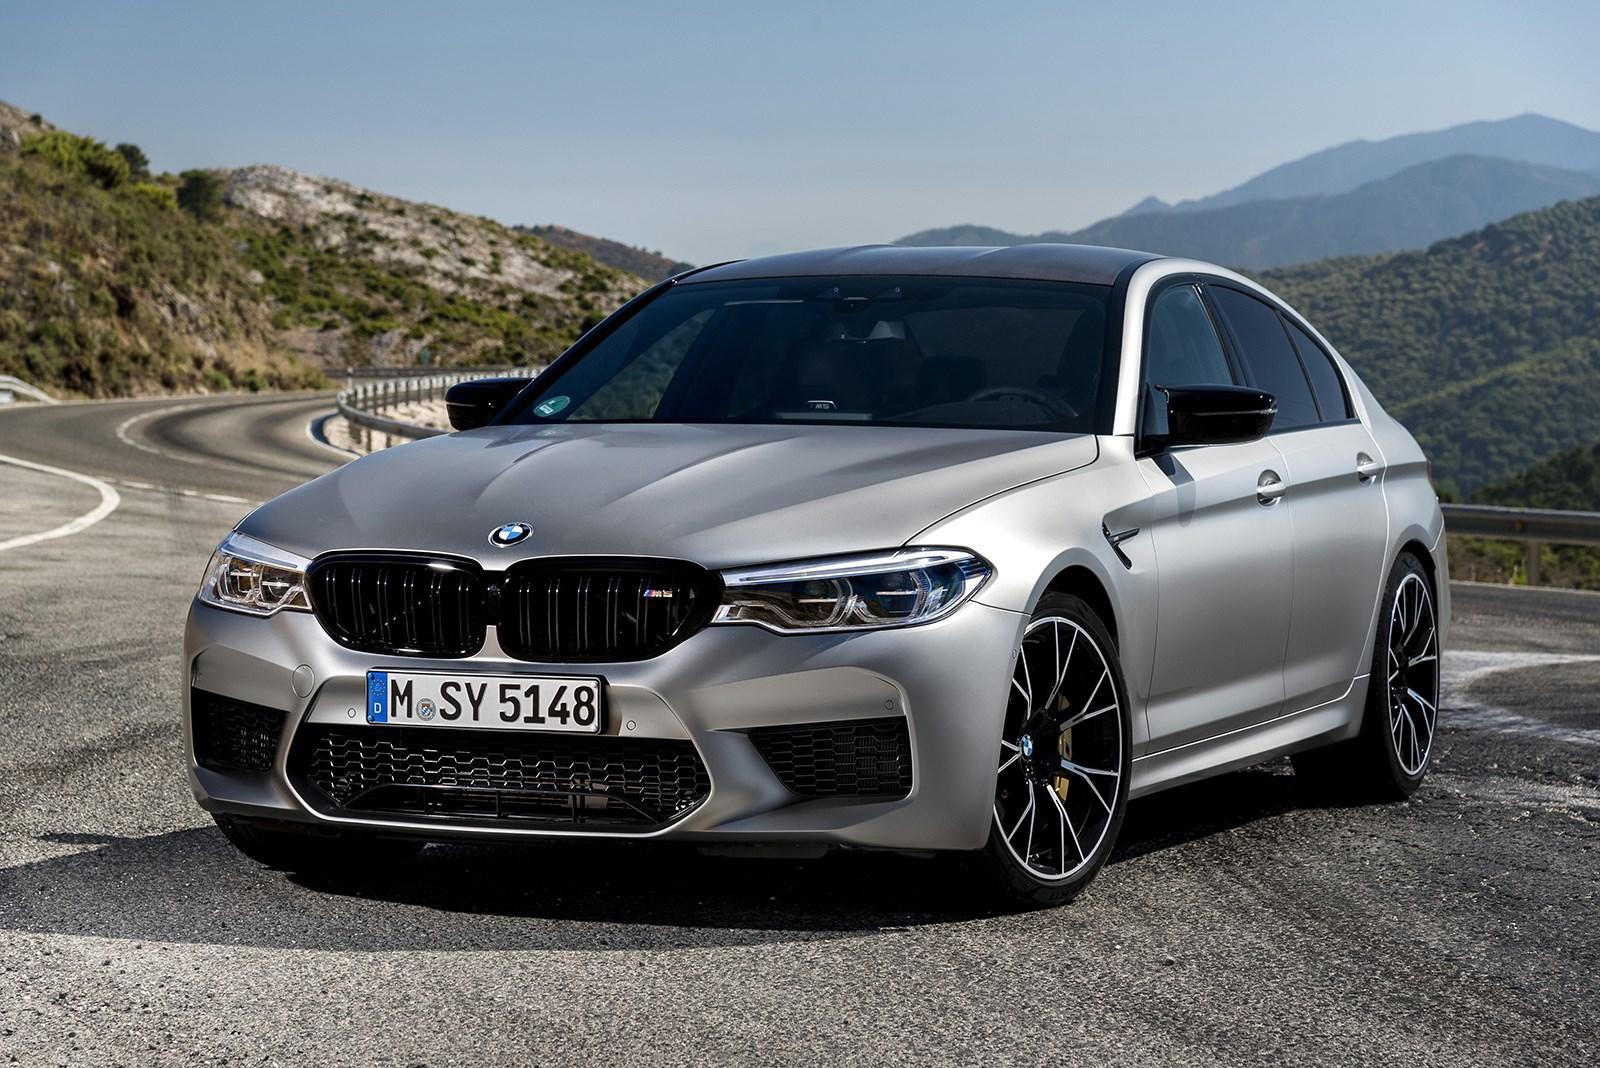 最高出力625ps BMW、M5にさらなる上を求めたM5コンペティションを発表。価格は1823万円